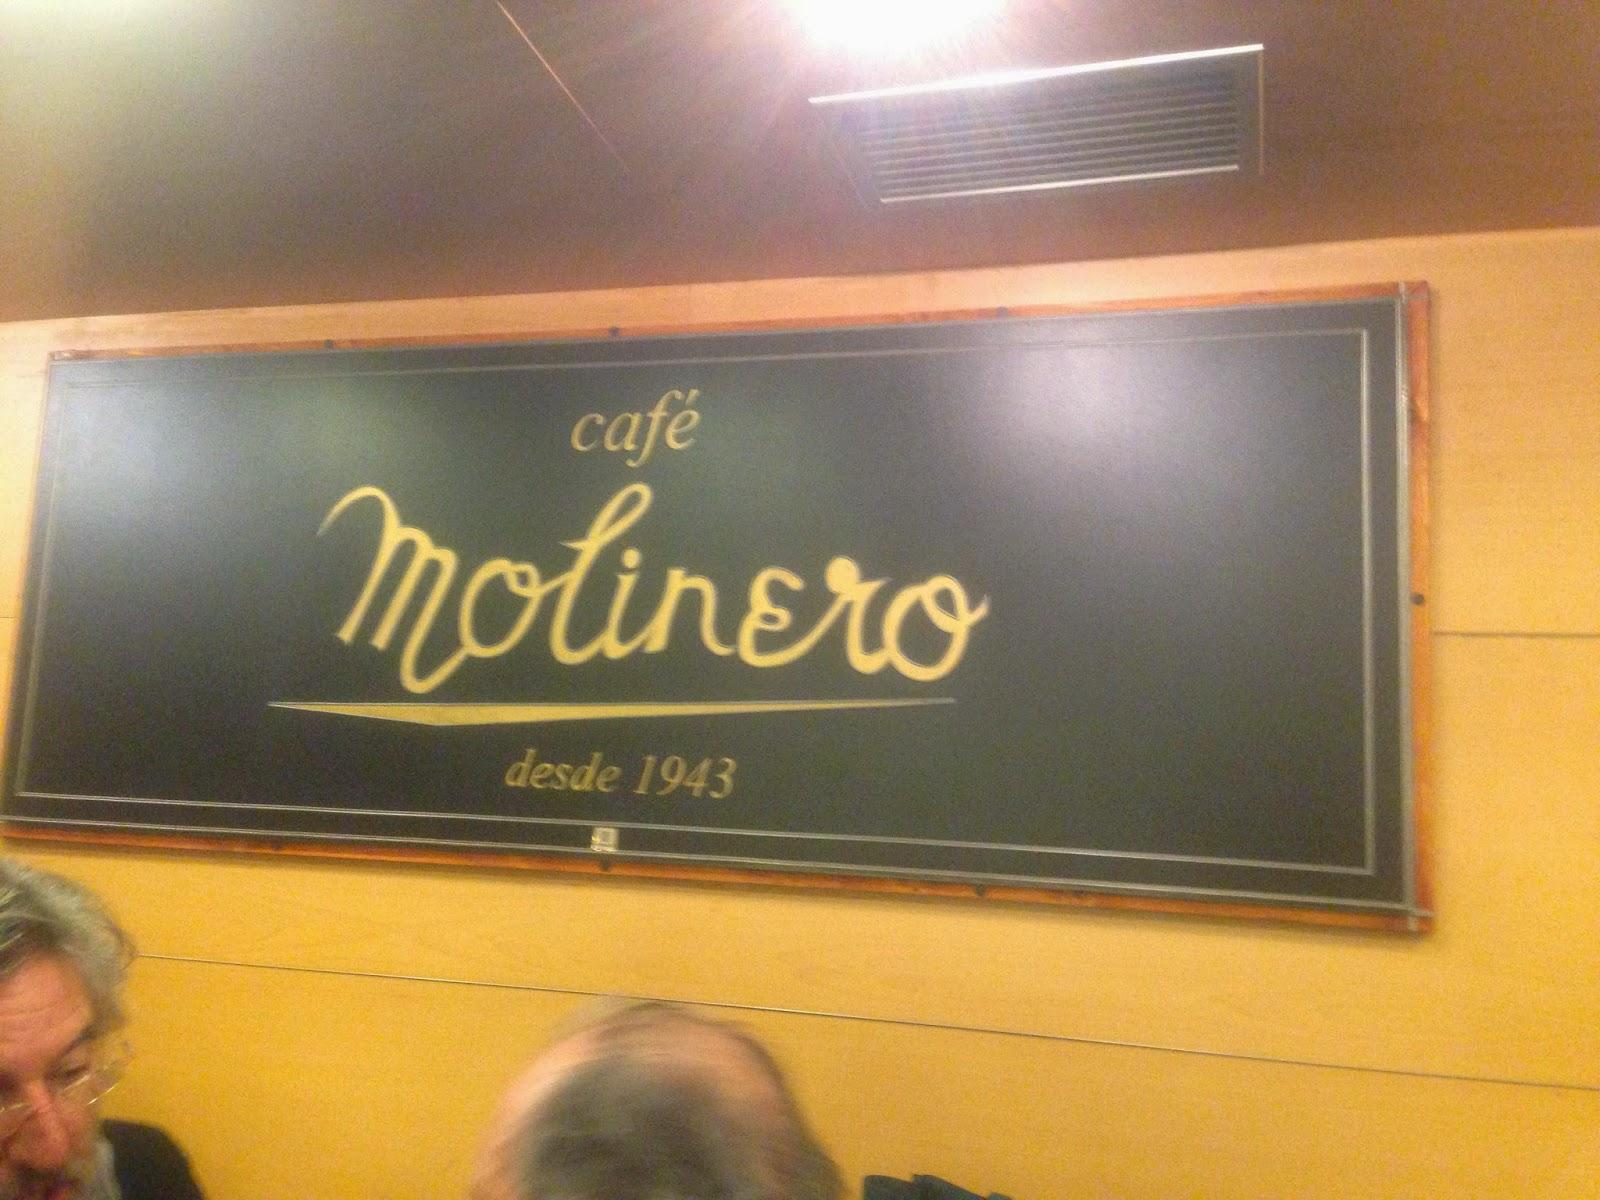 Café Molinero